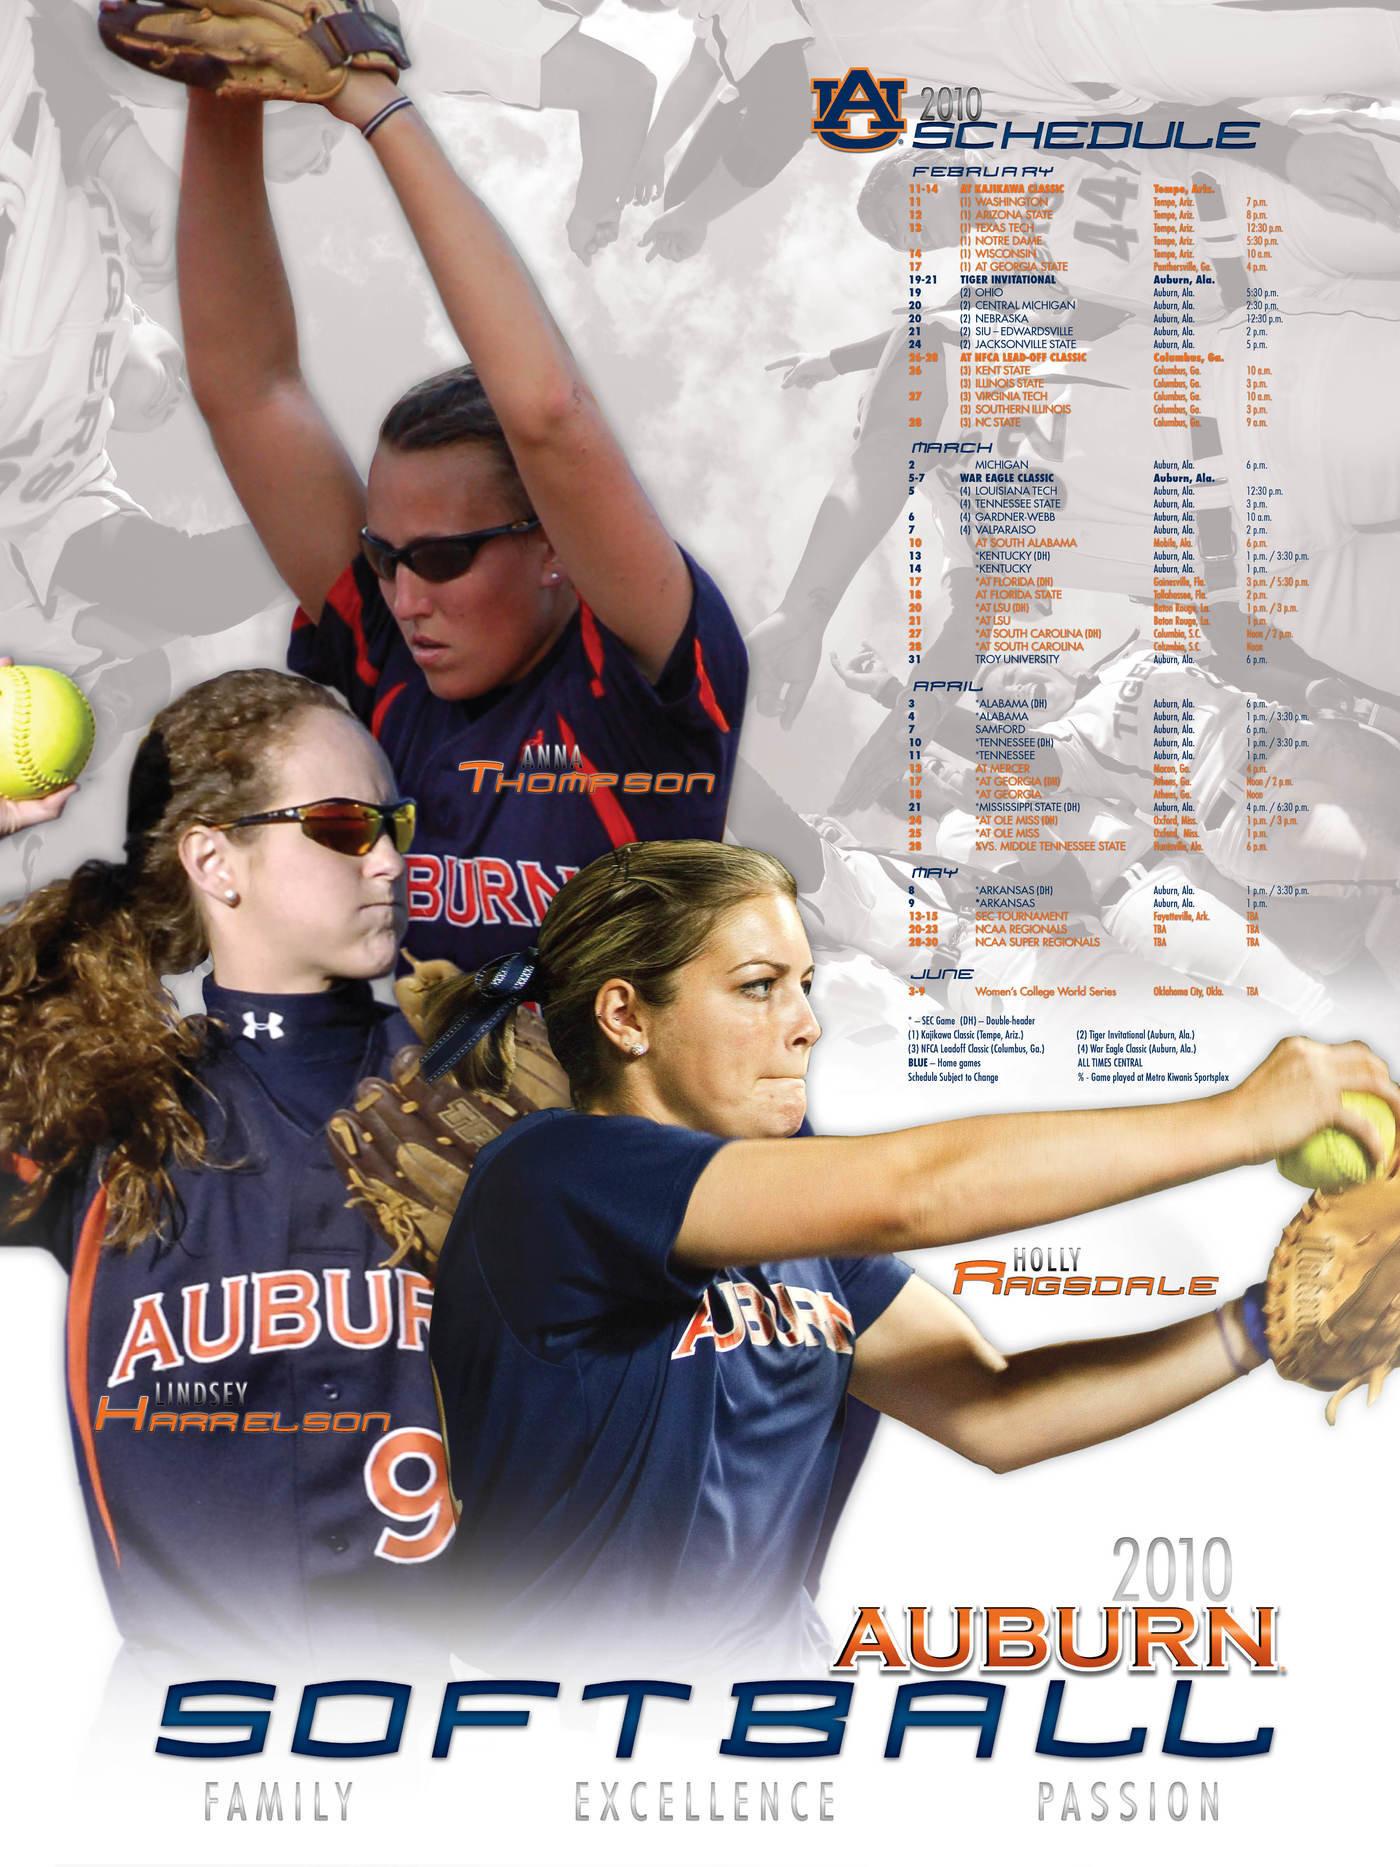 Auburn Graphic Design By Lauren Duke At Coroflot Com